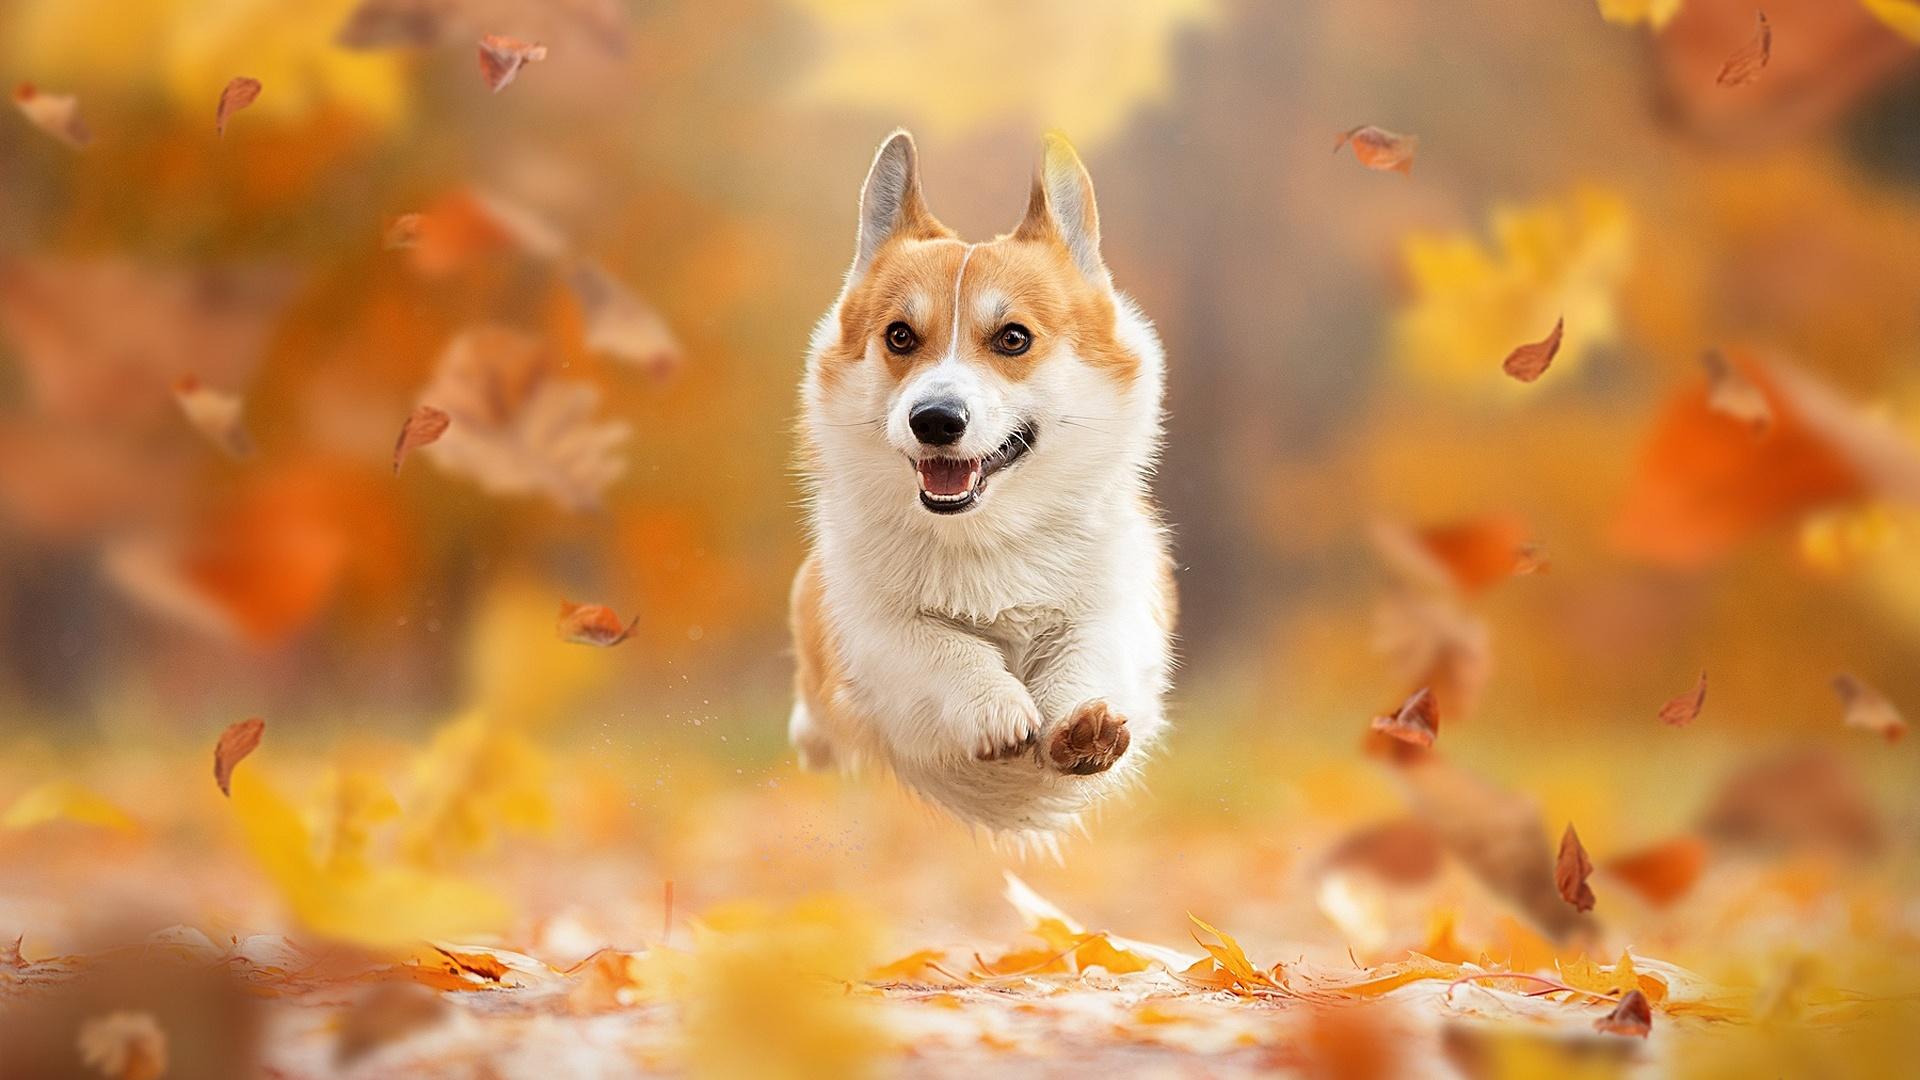 壁紙 19x1080 秋 イヌ 木の葉 ランニング ウェルシュ コーギー ボケ写真 動物 ダウンロード 写真